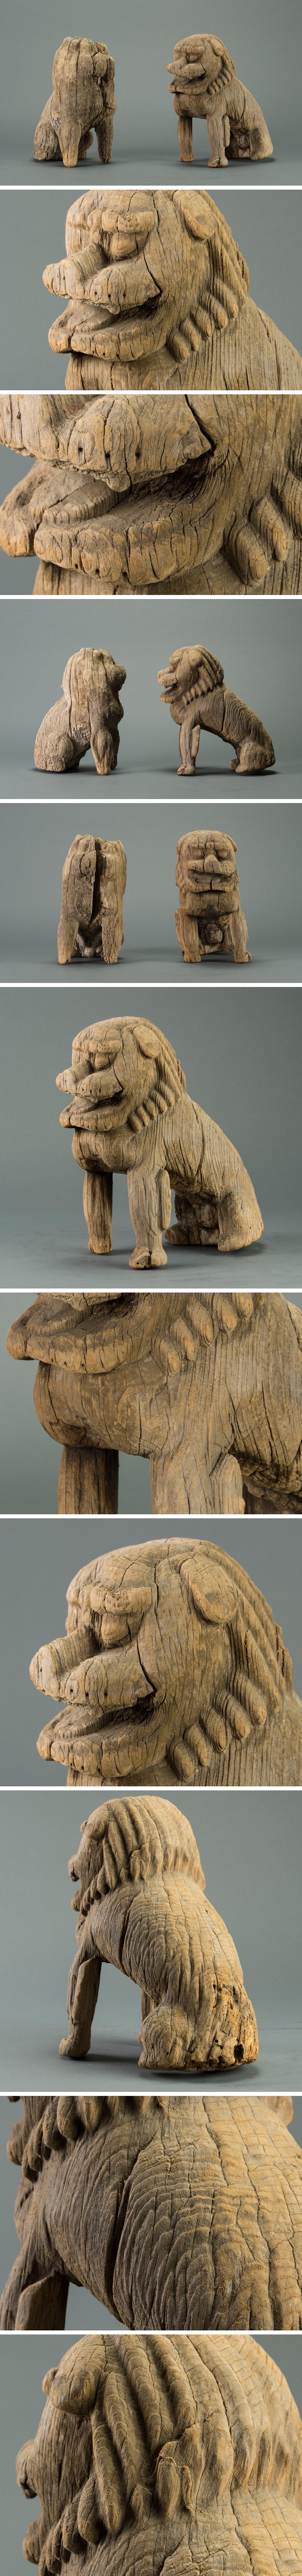 木雕正面狮子头像图